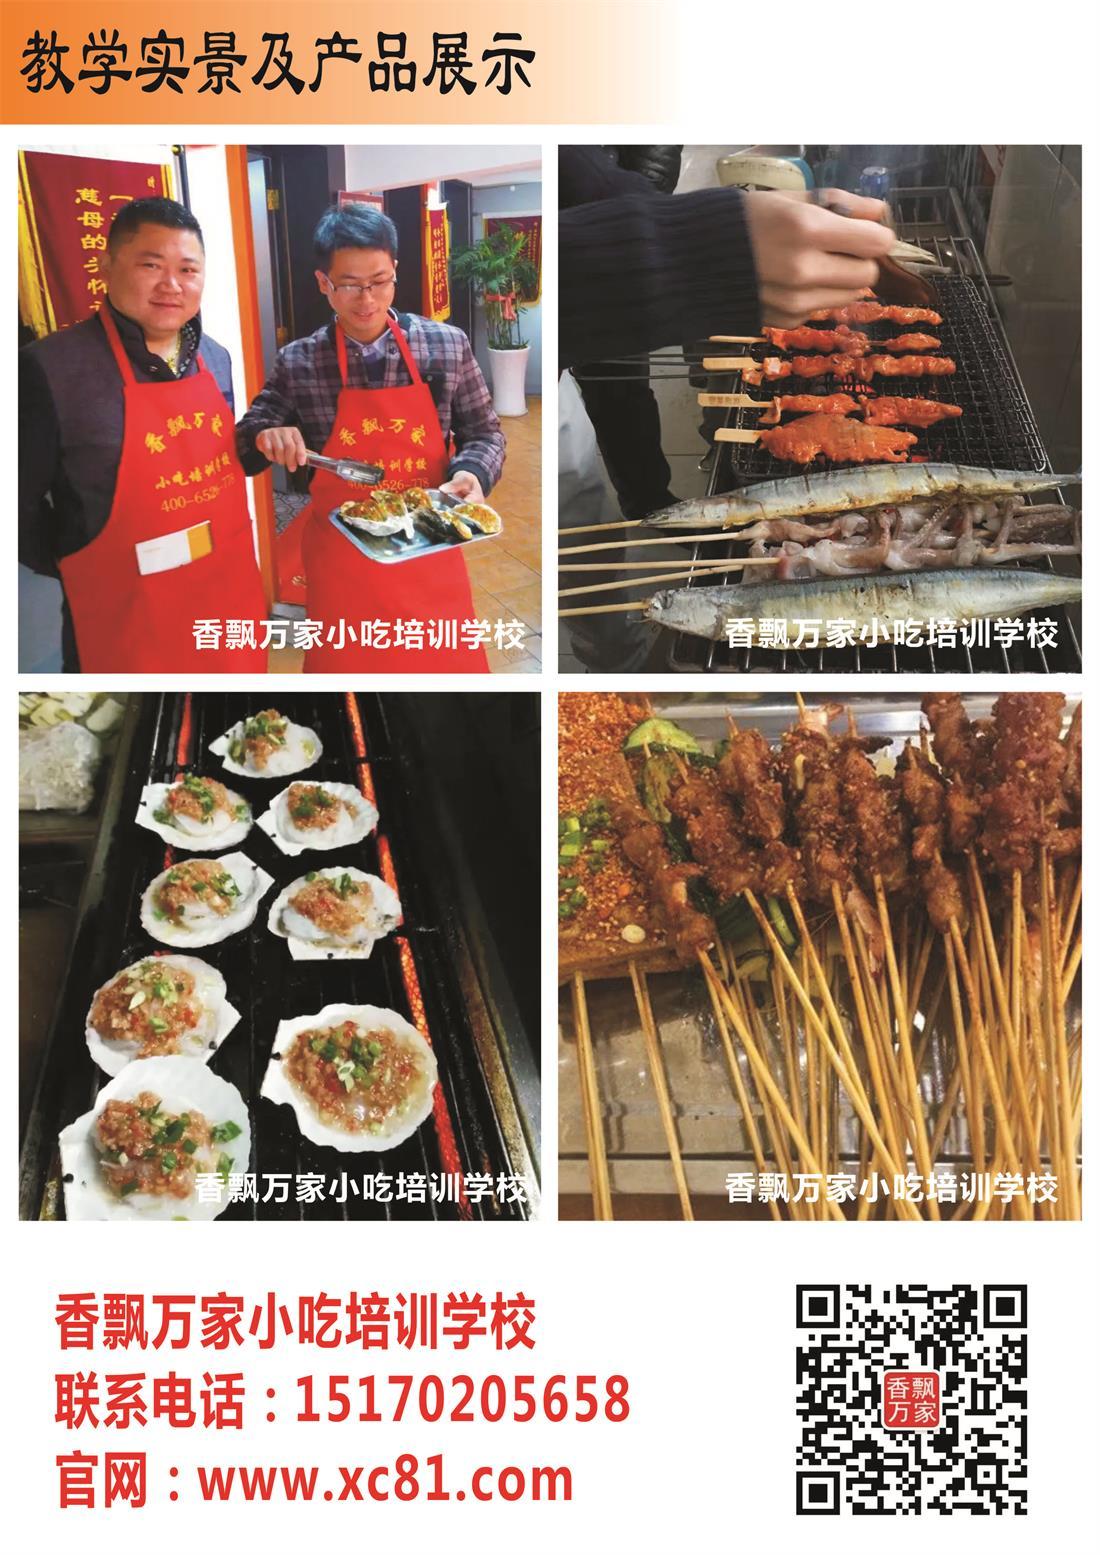 九江哪里有烧烤培训基地